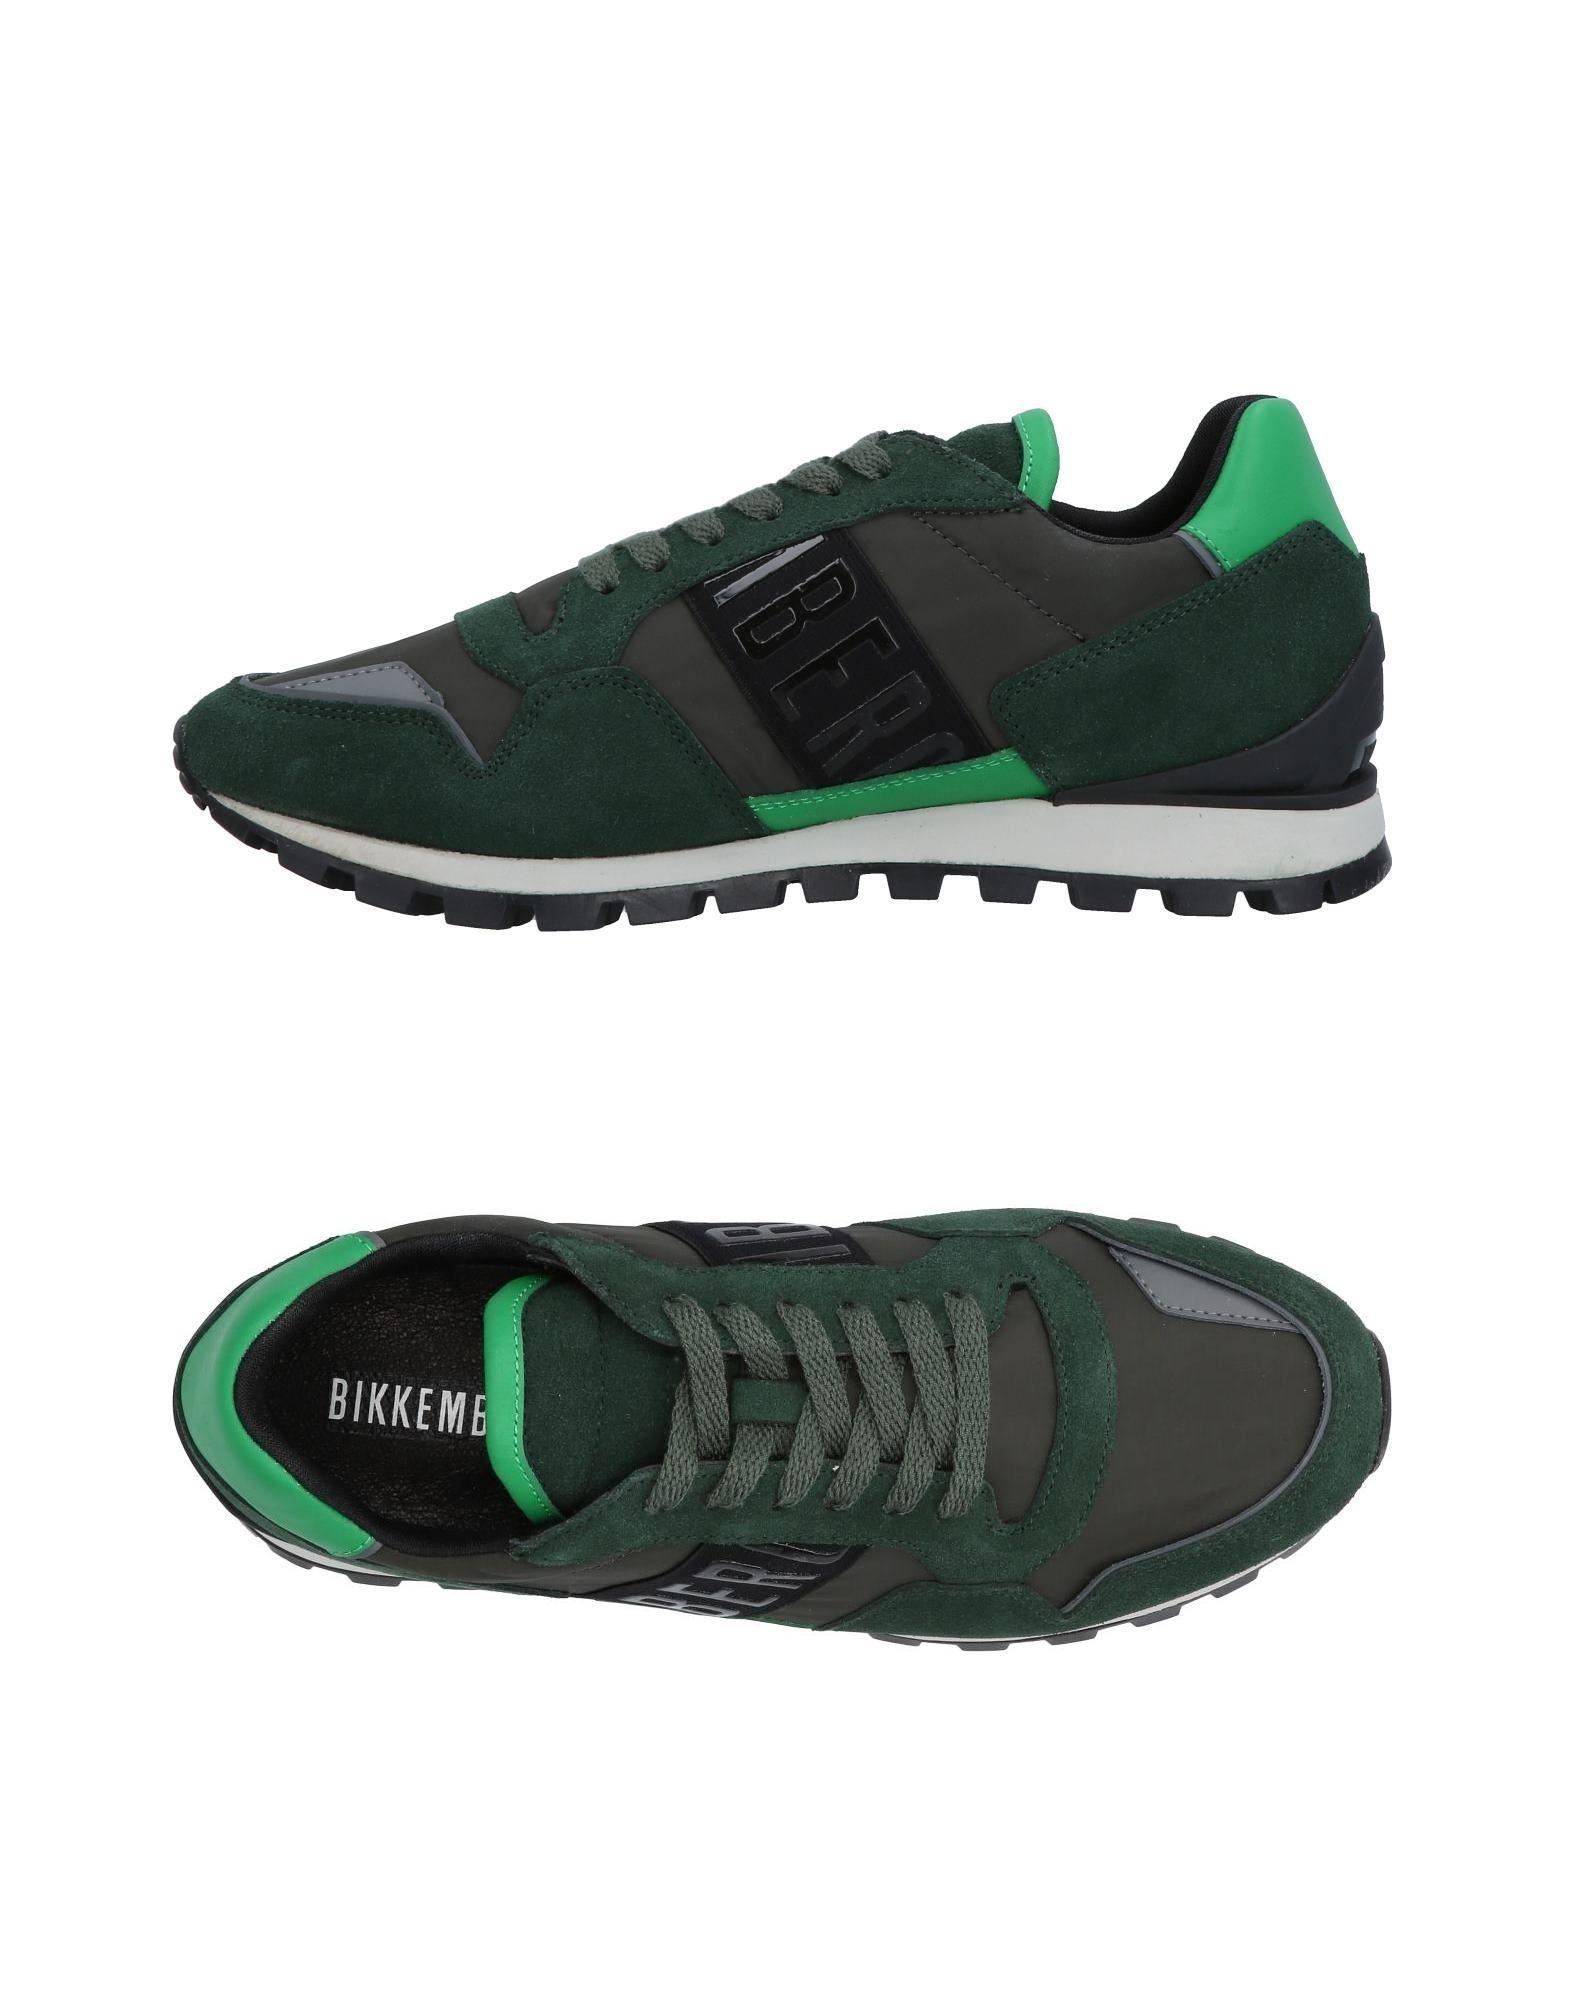 Sneakers Bikkembergs Uomo - Acquista online su